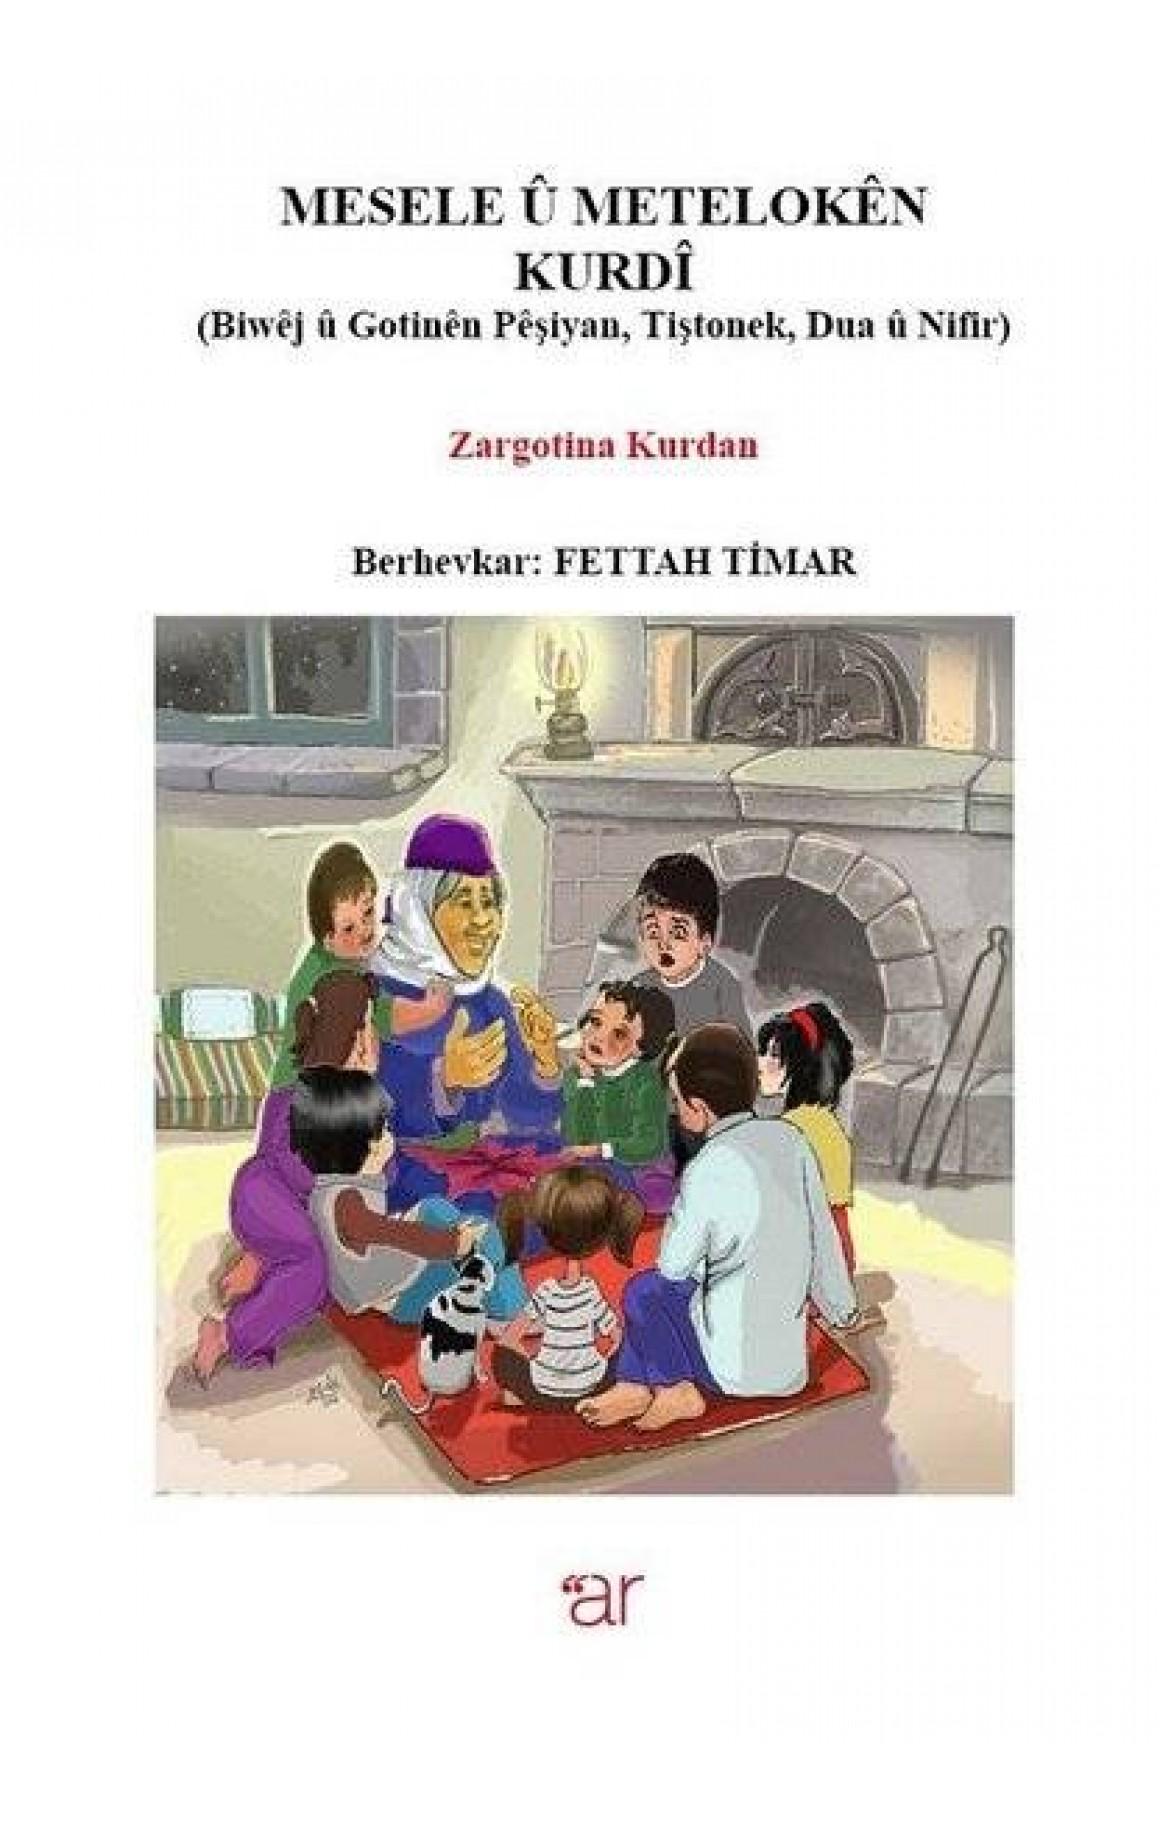 Mesele U Metelokên Kurdî